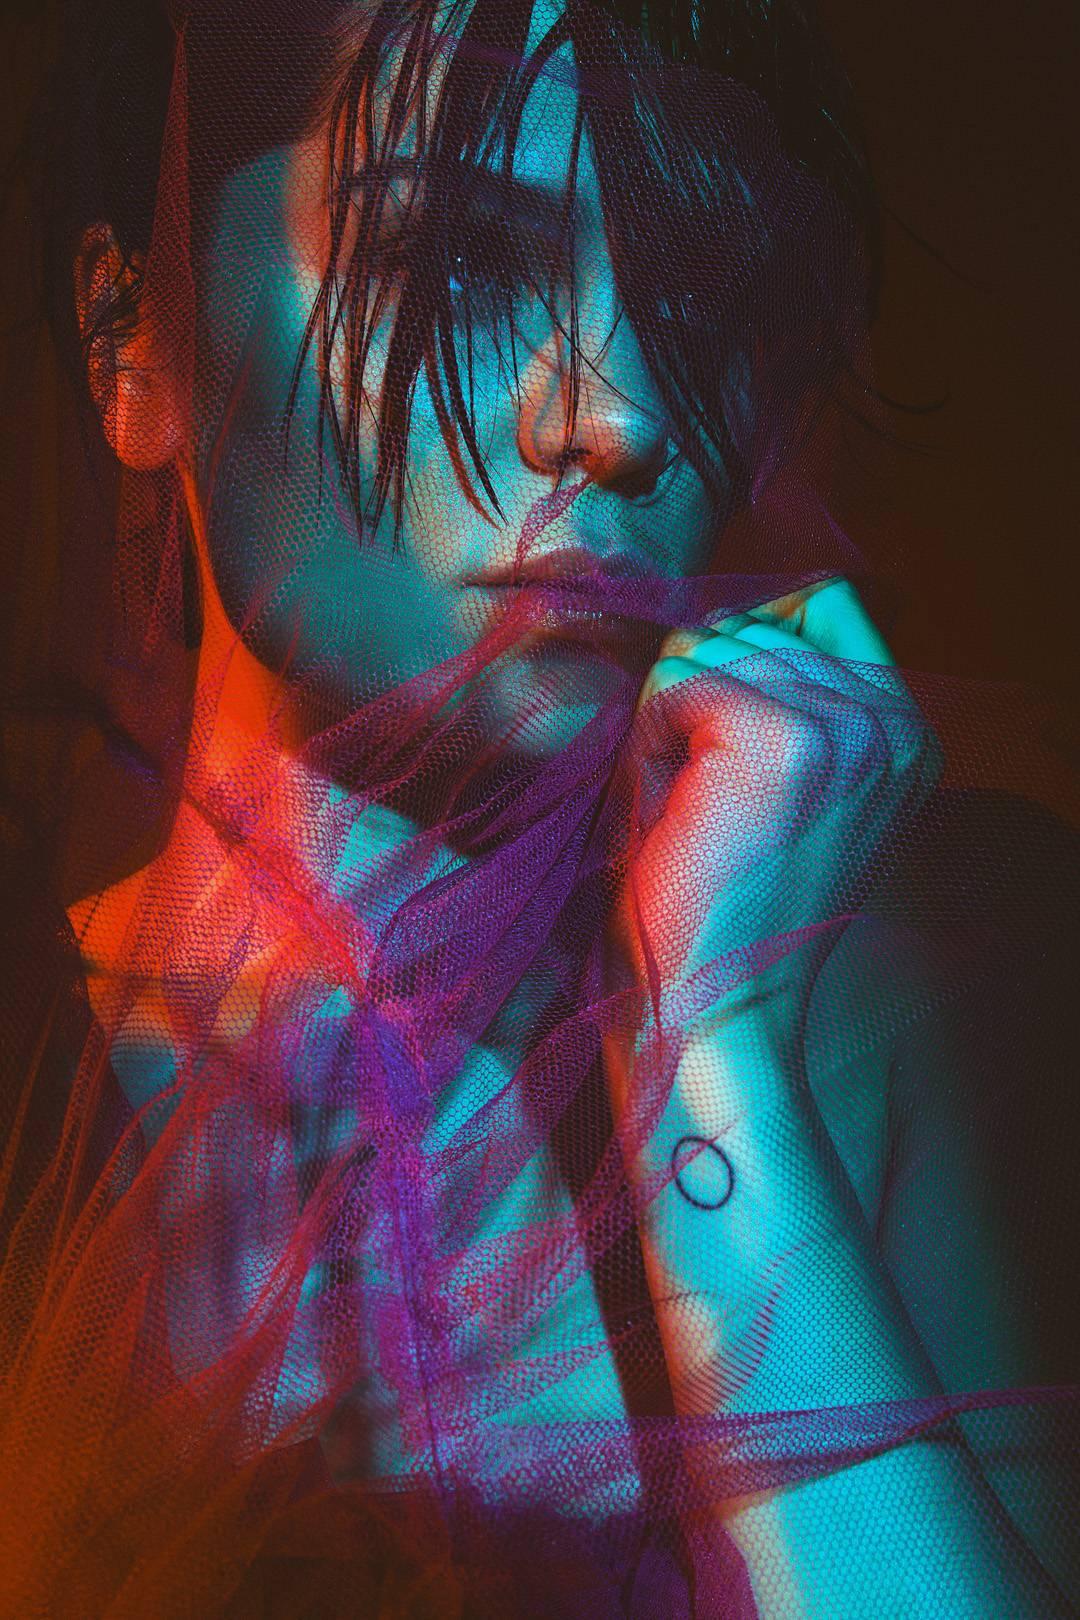 Jessie-J.jpg